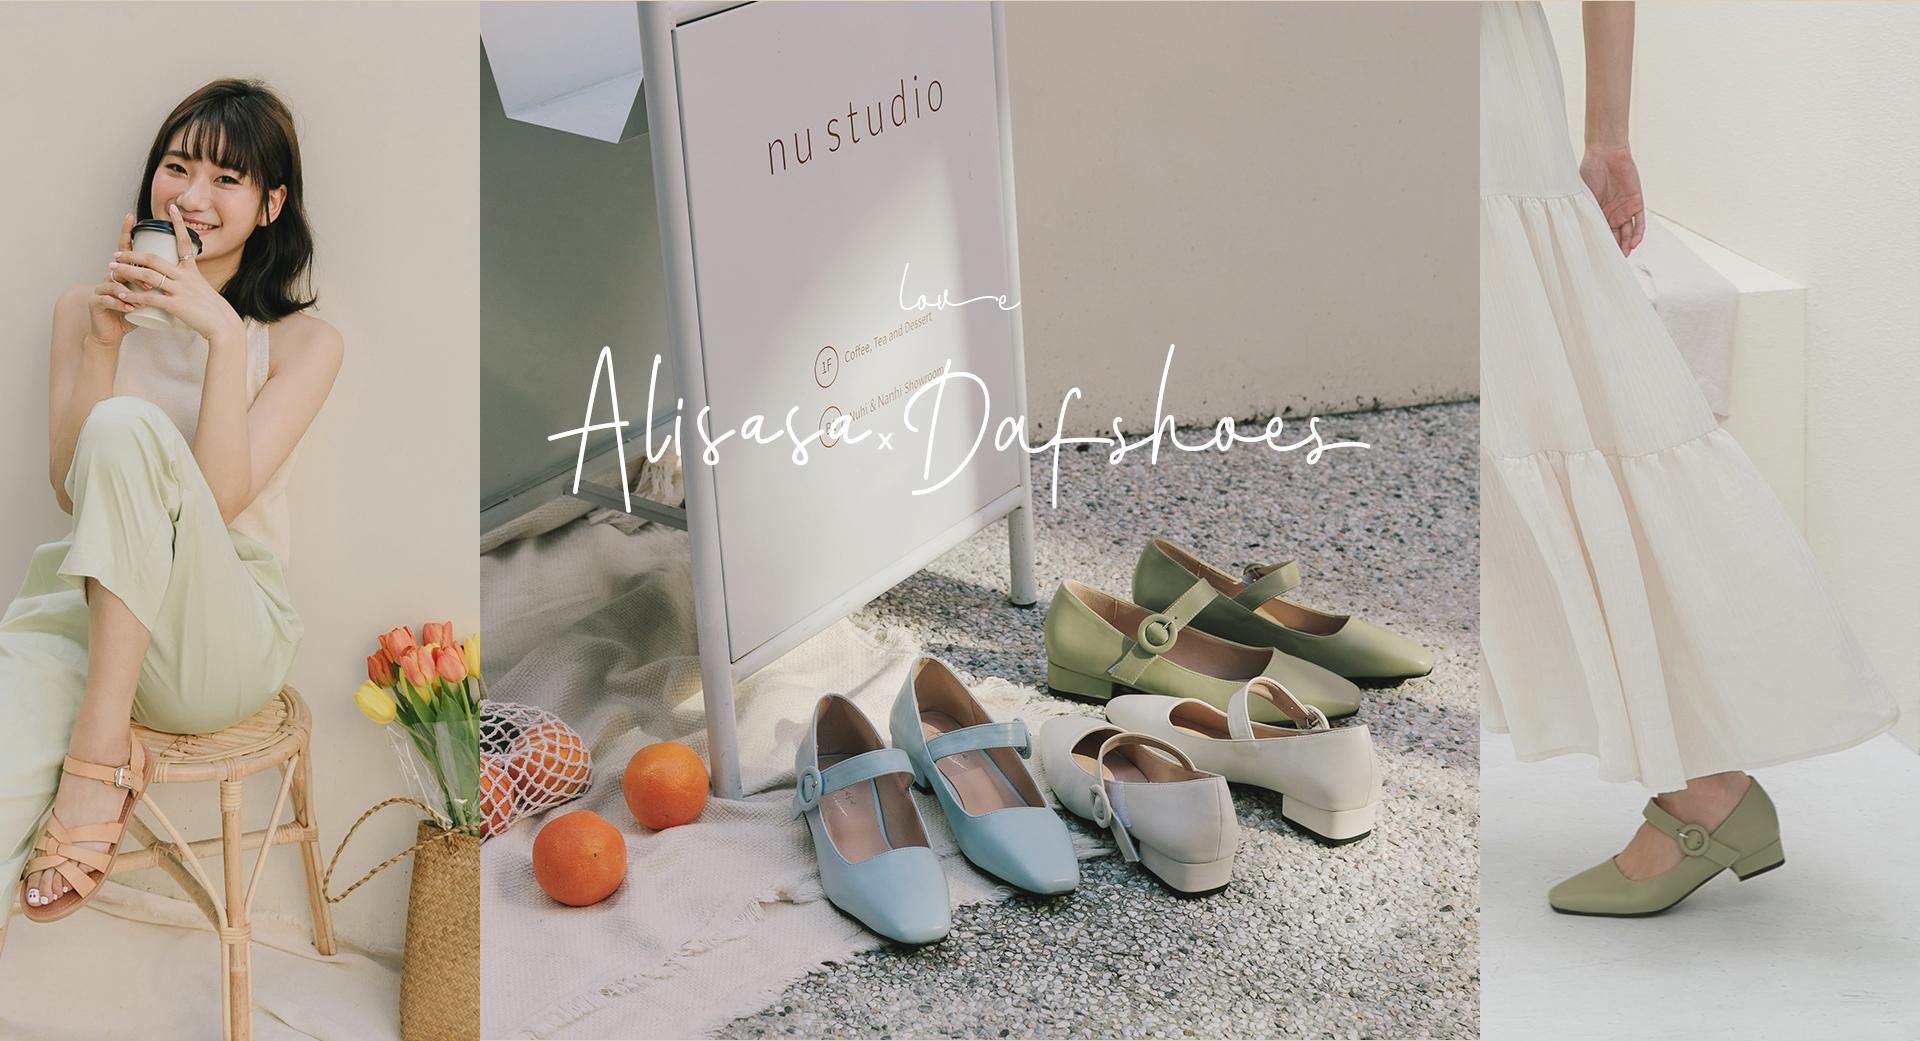 愛莉莎莎Alisasa x D+AF Shoes 聯名企劃 夏季女鞋涼鞋 愛莉莎莎聯名